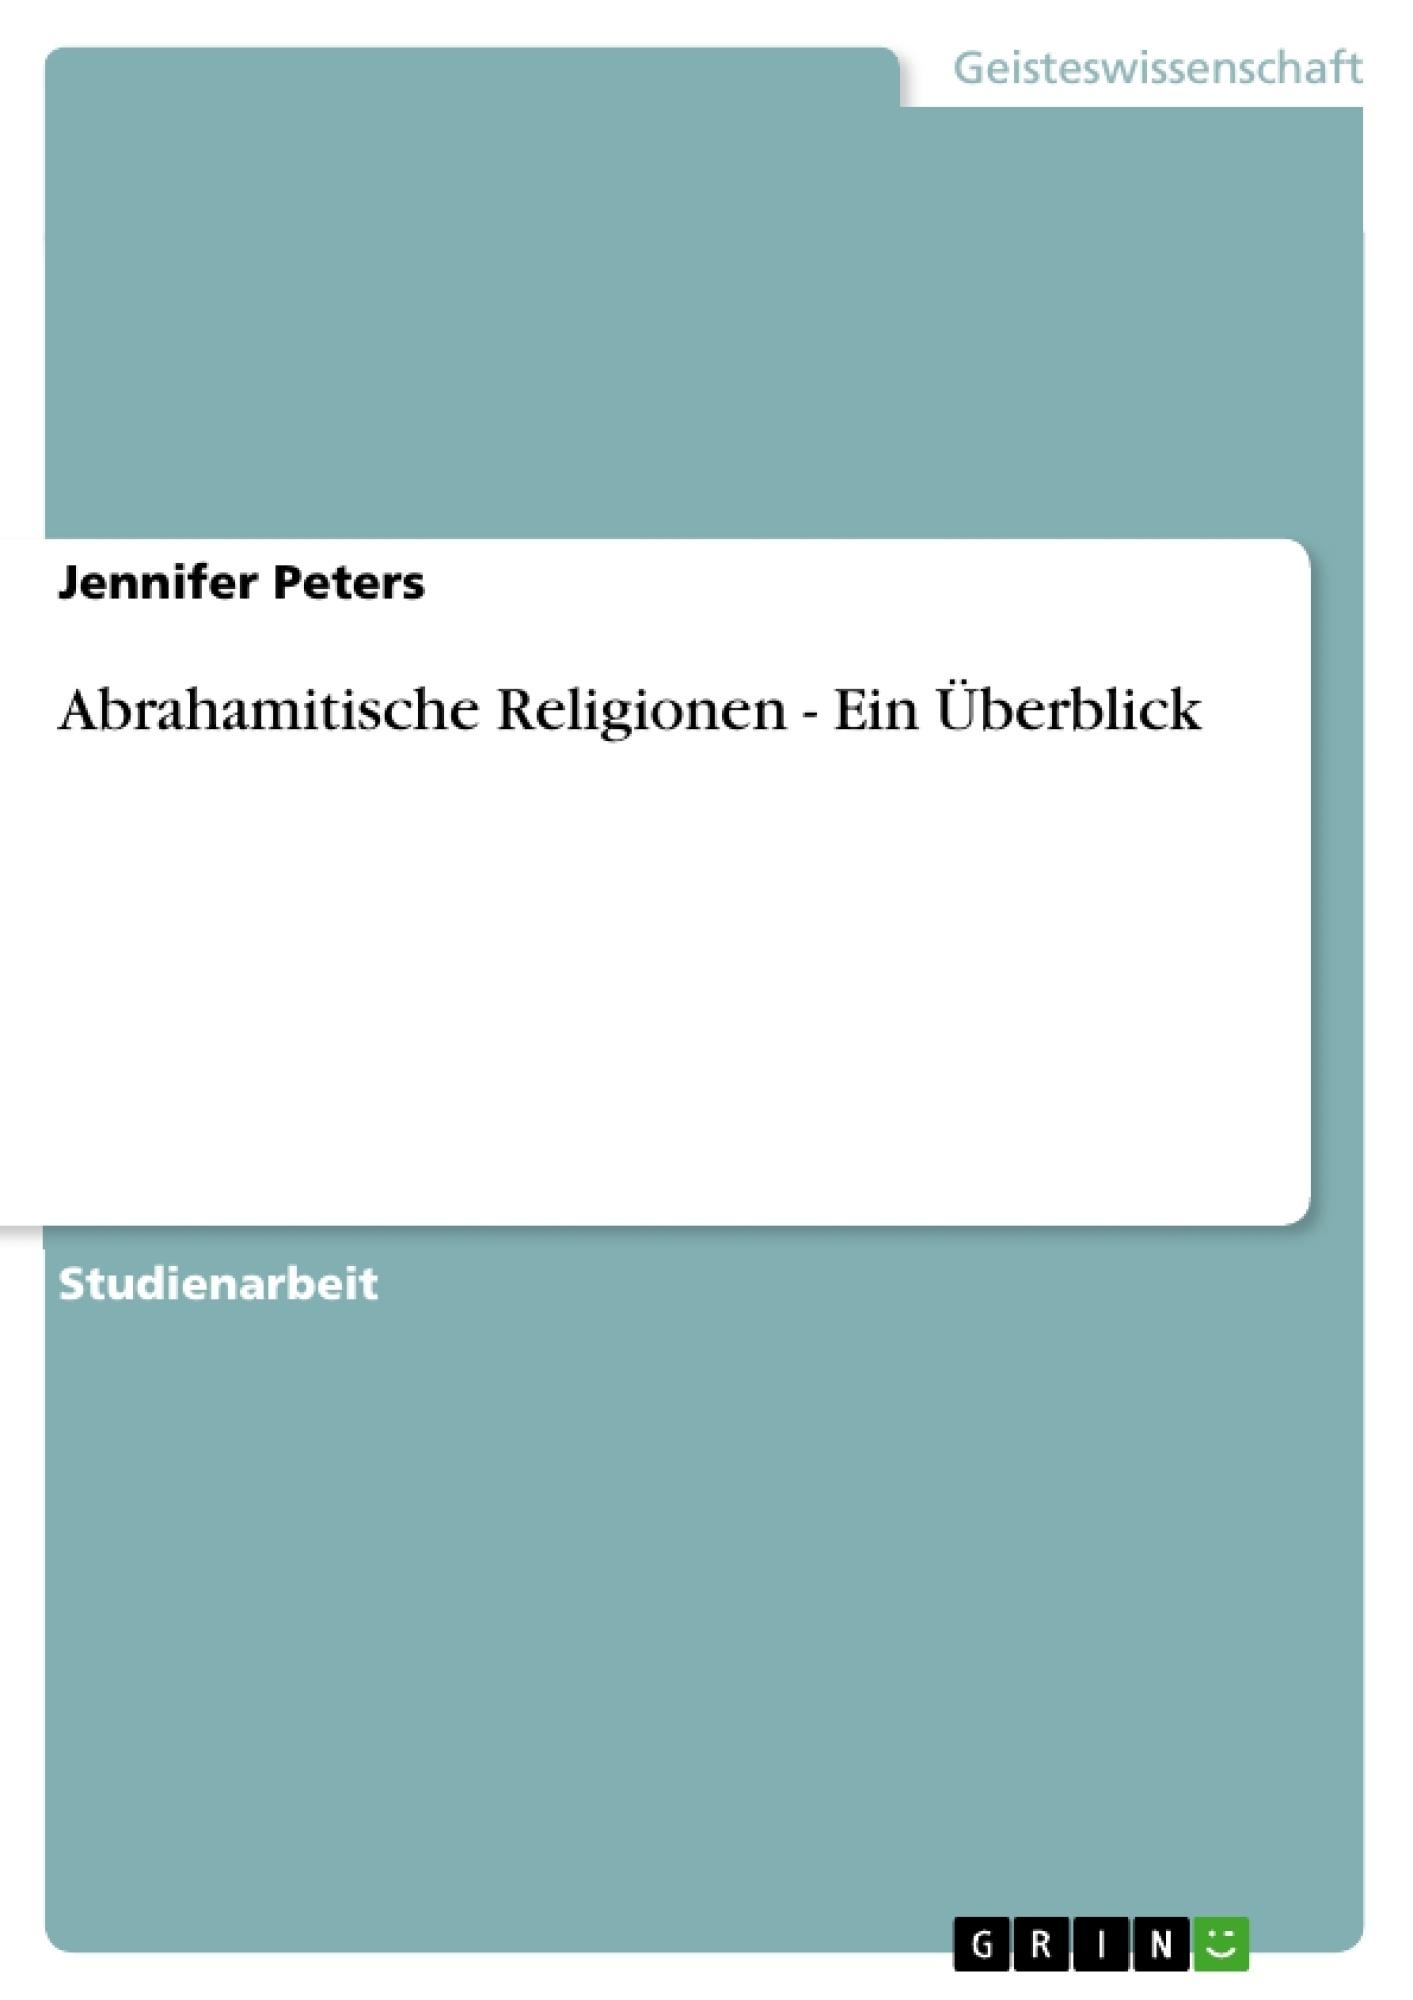 Titel: Abrahamitische Religionen - Ein Überblick